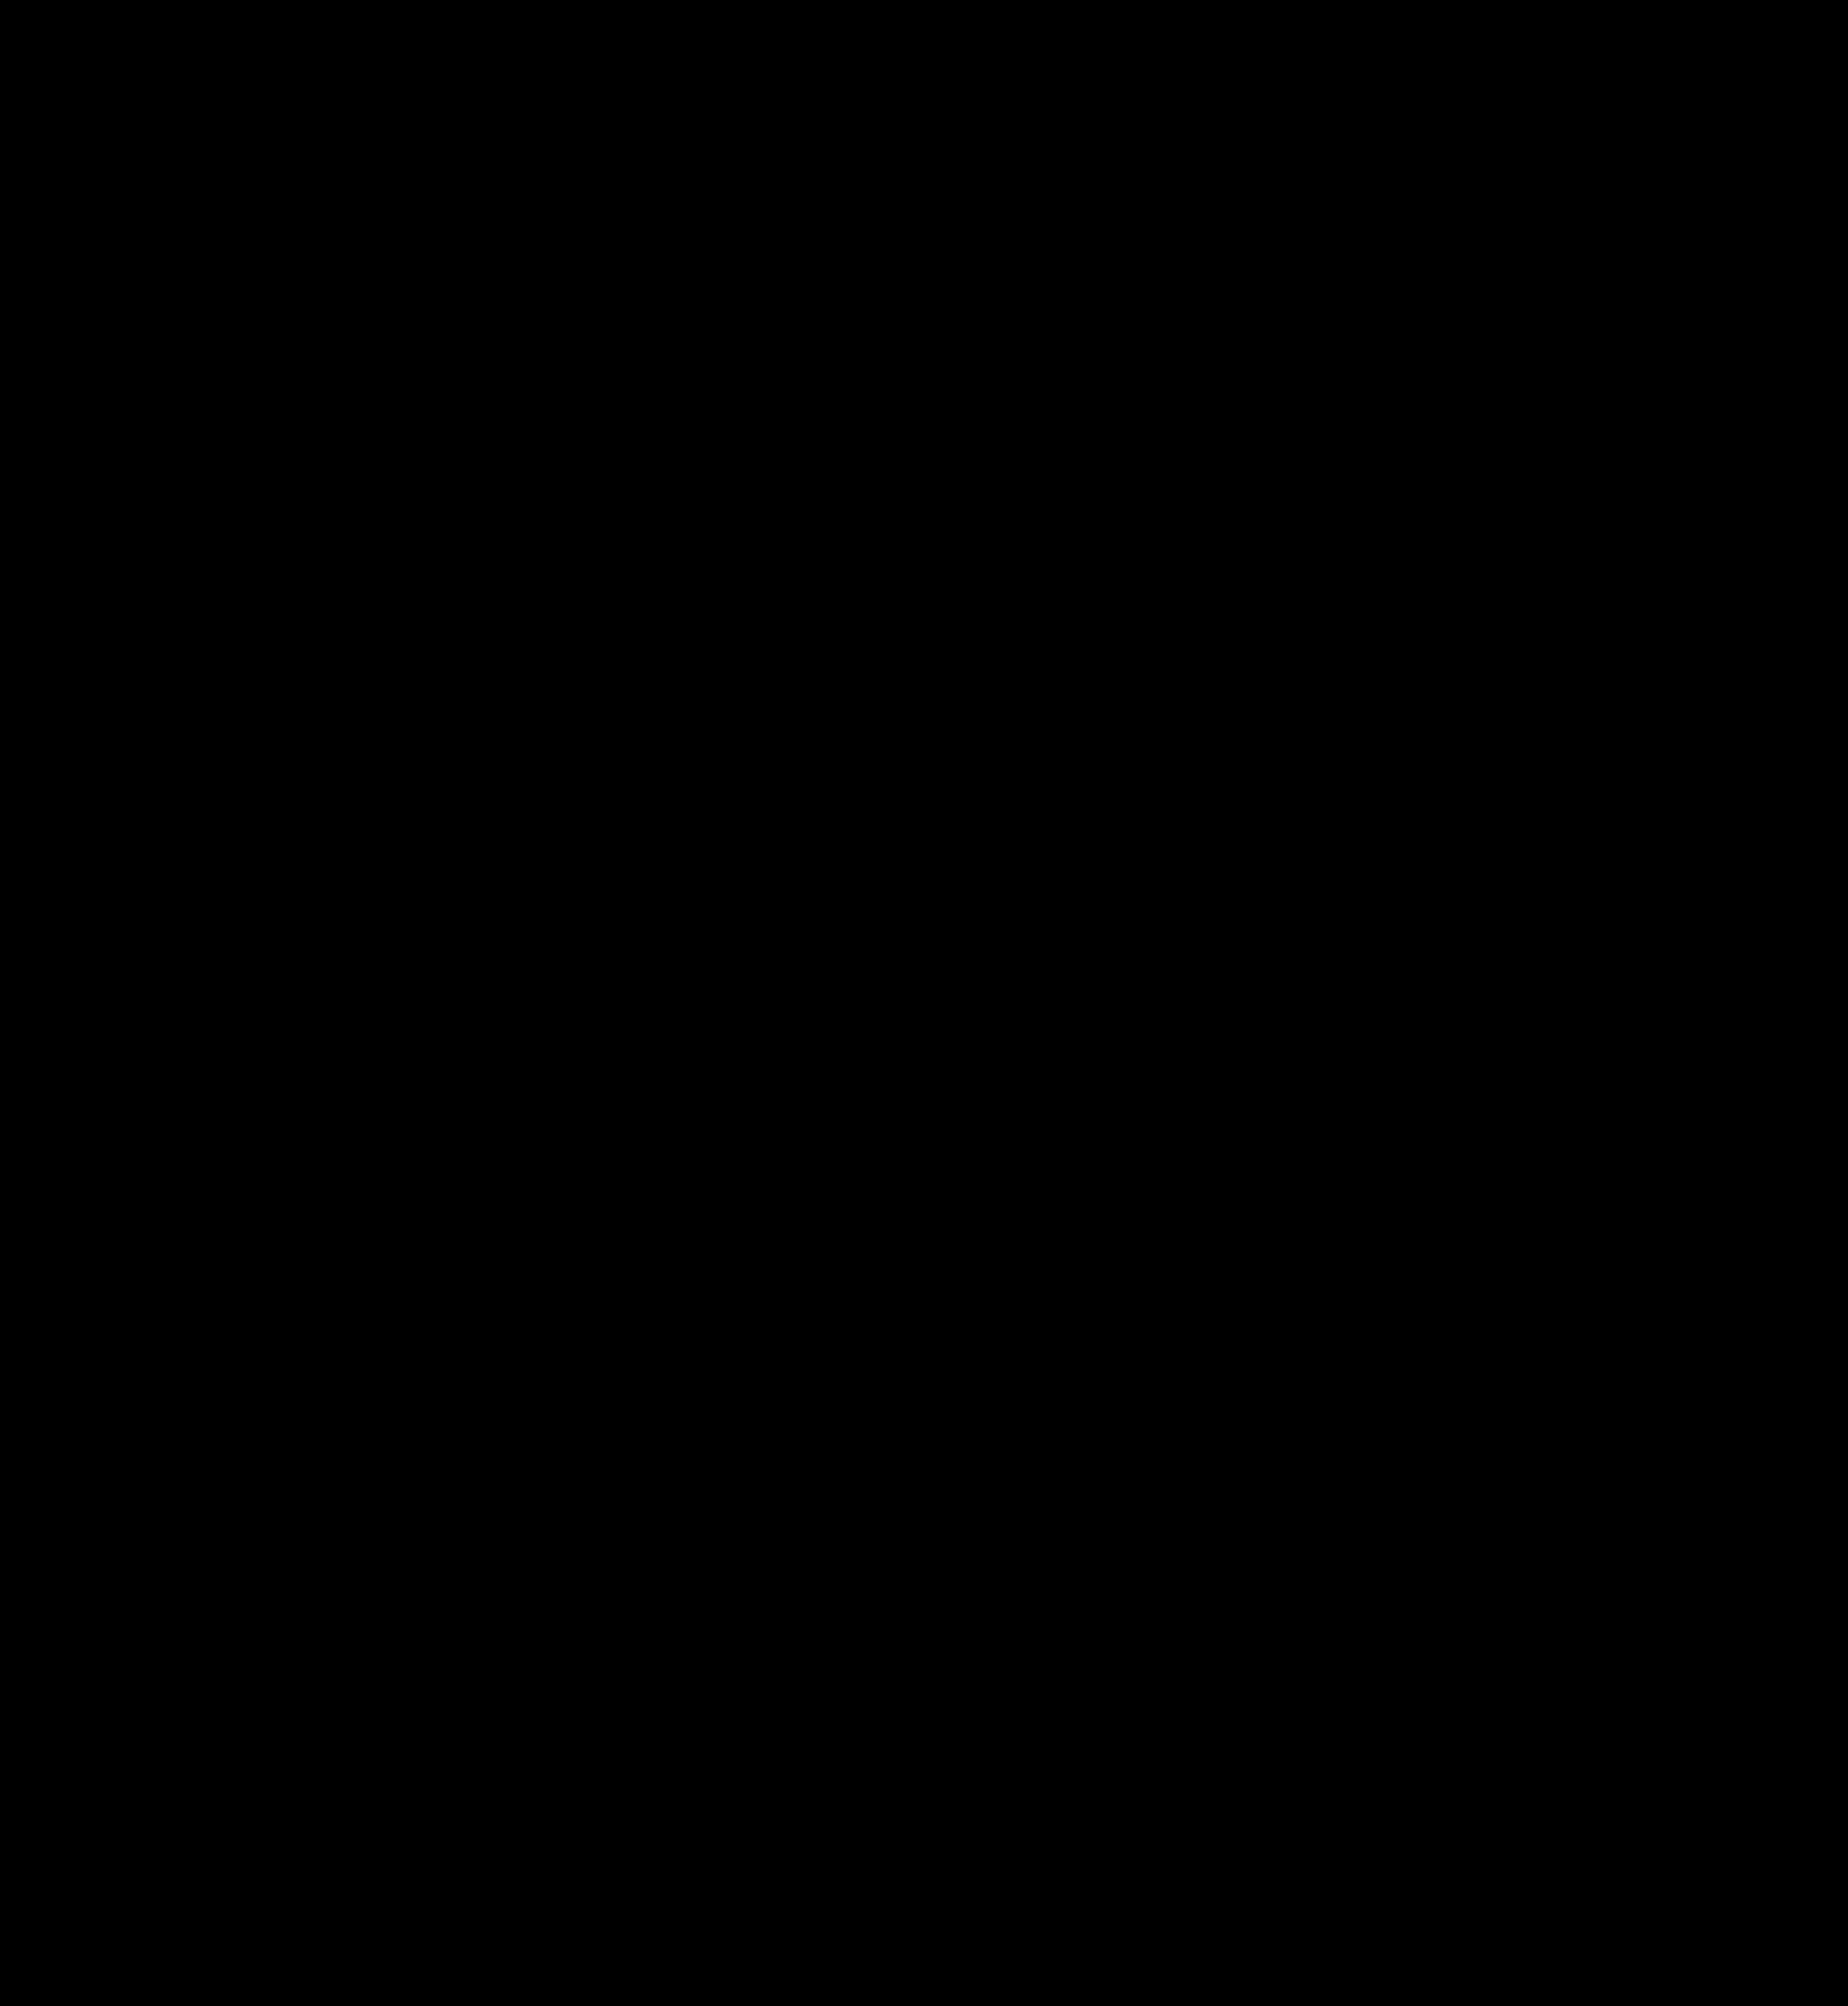 Clipart - Lancaster Bomber Black Silhouette